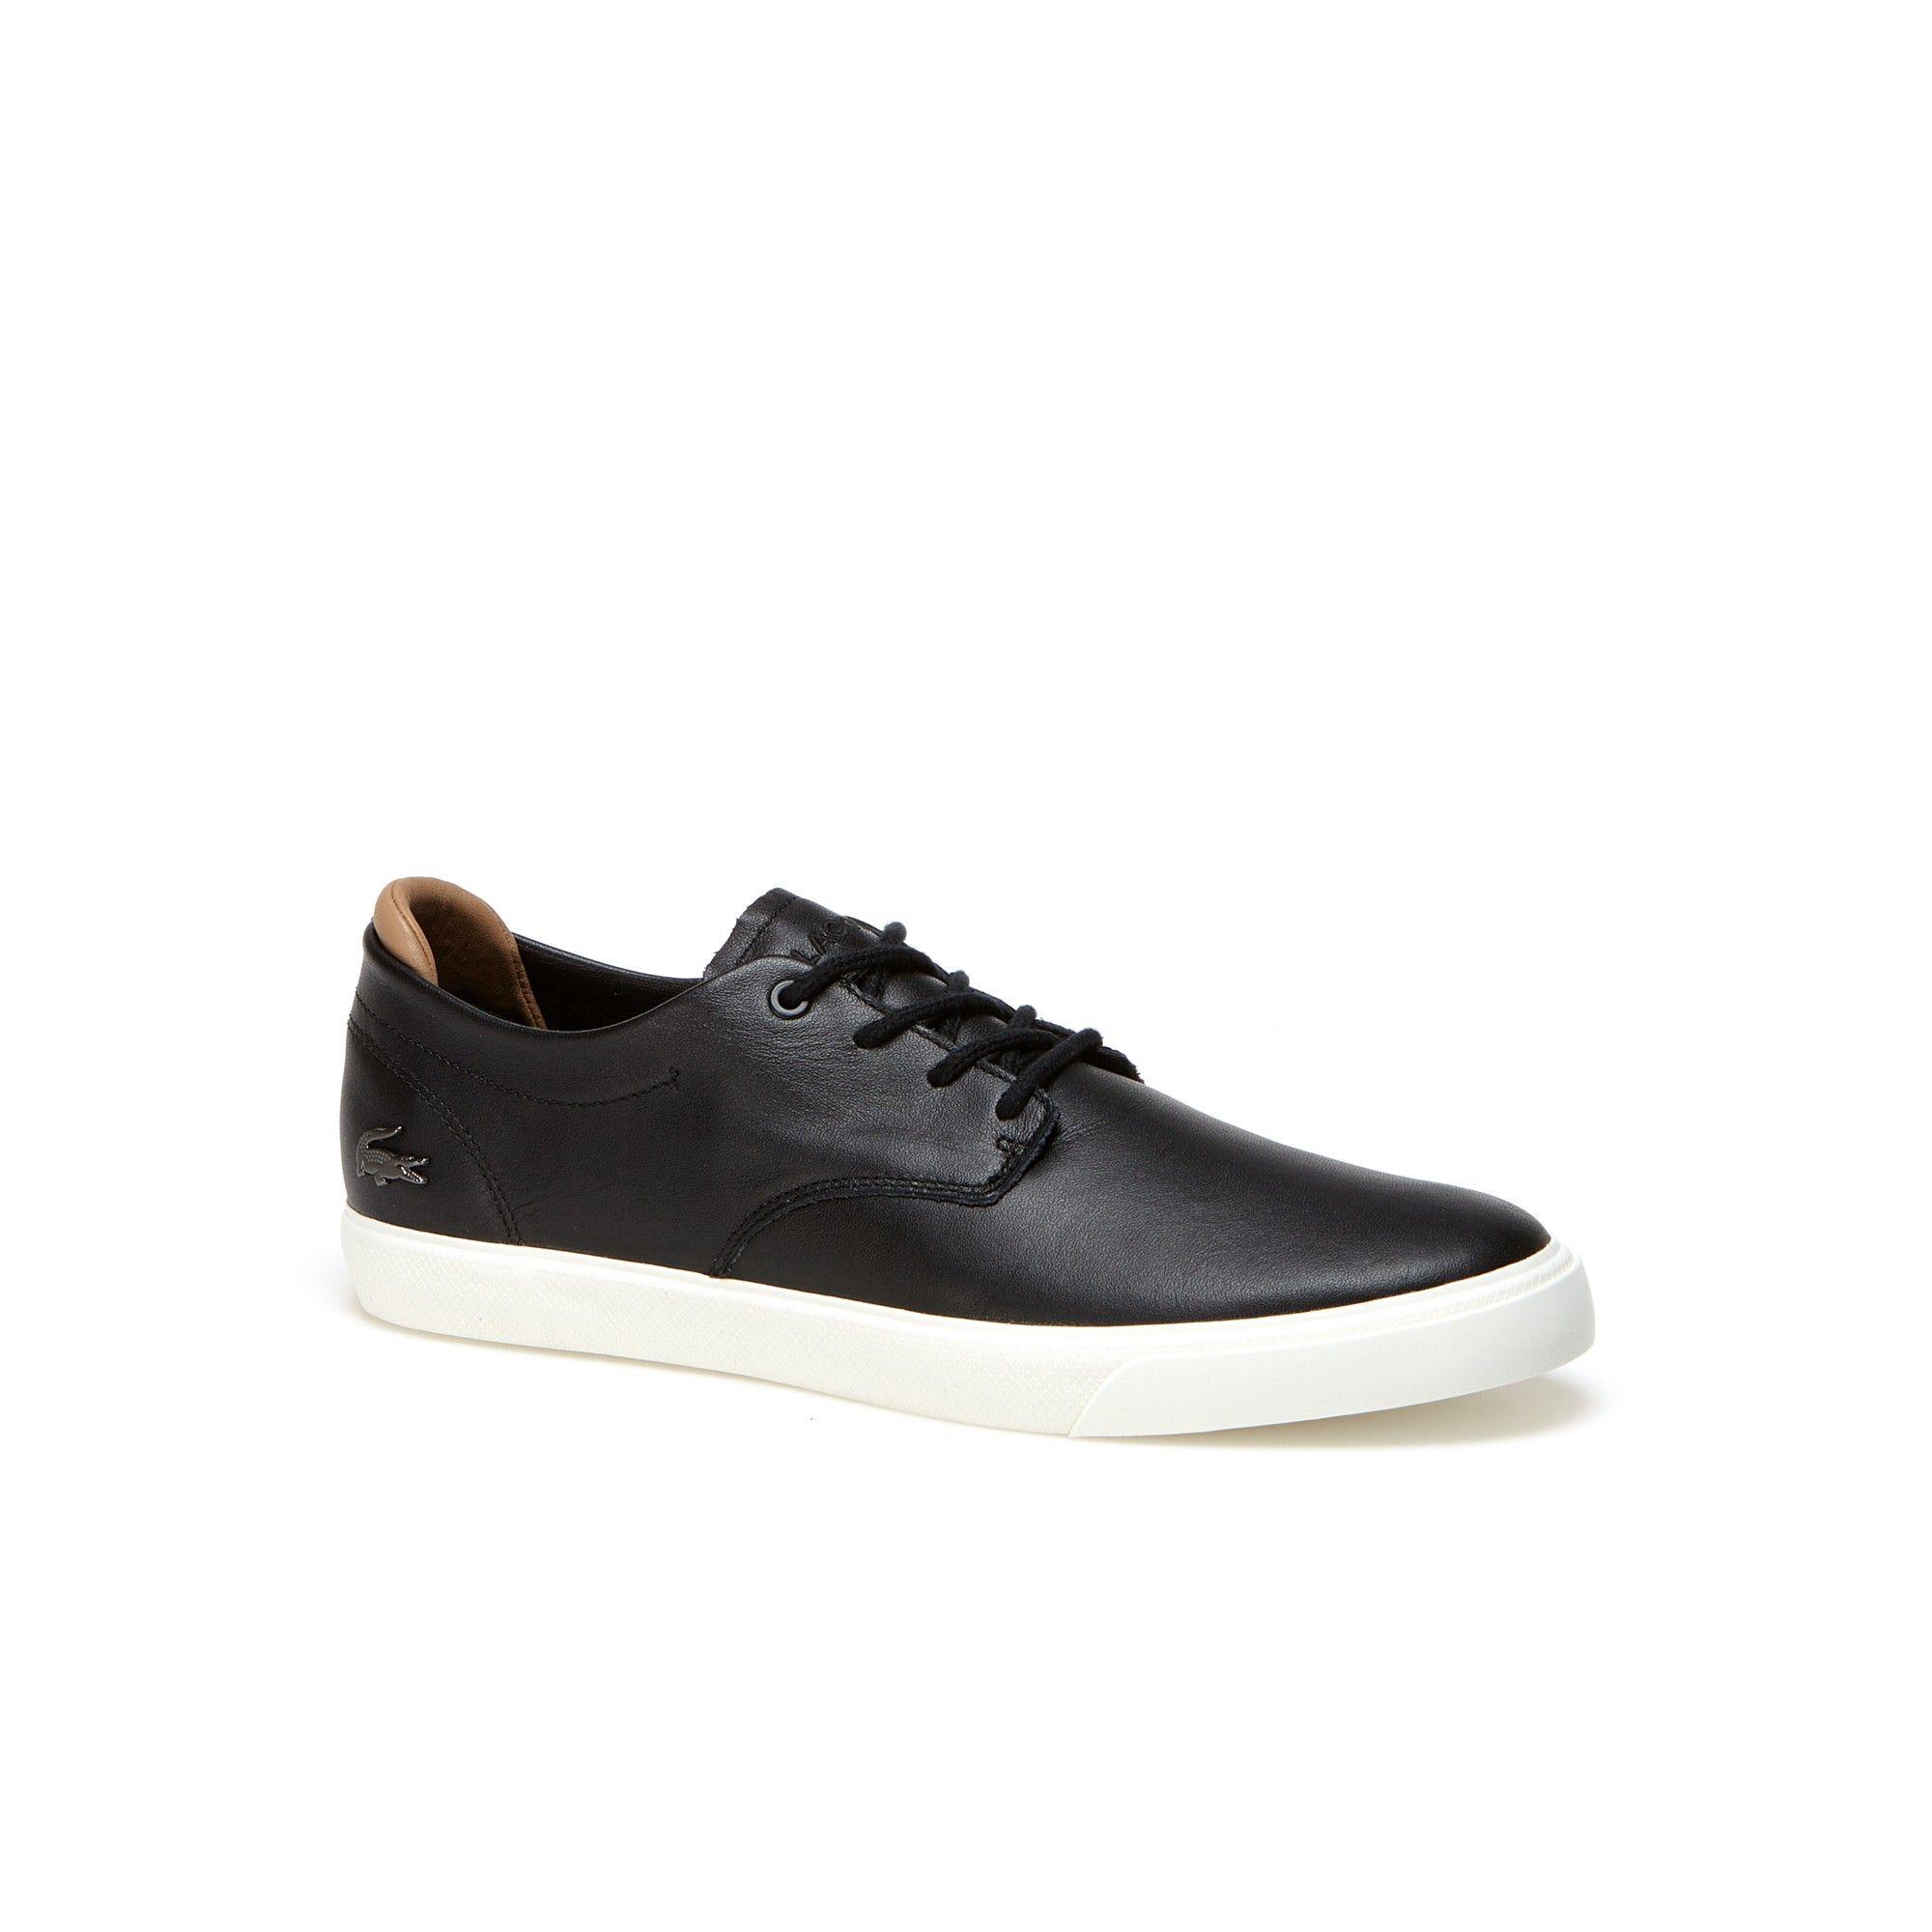 a84ad2e0c LACOSTE Men s Espere Nappa Leather Sneakers - black off white.  lacoste   shoes